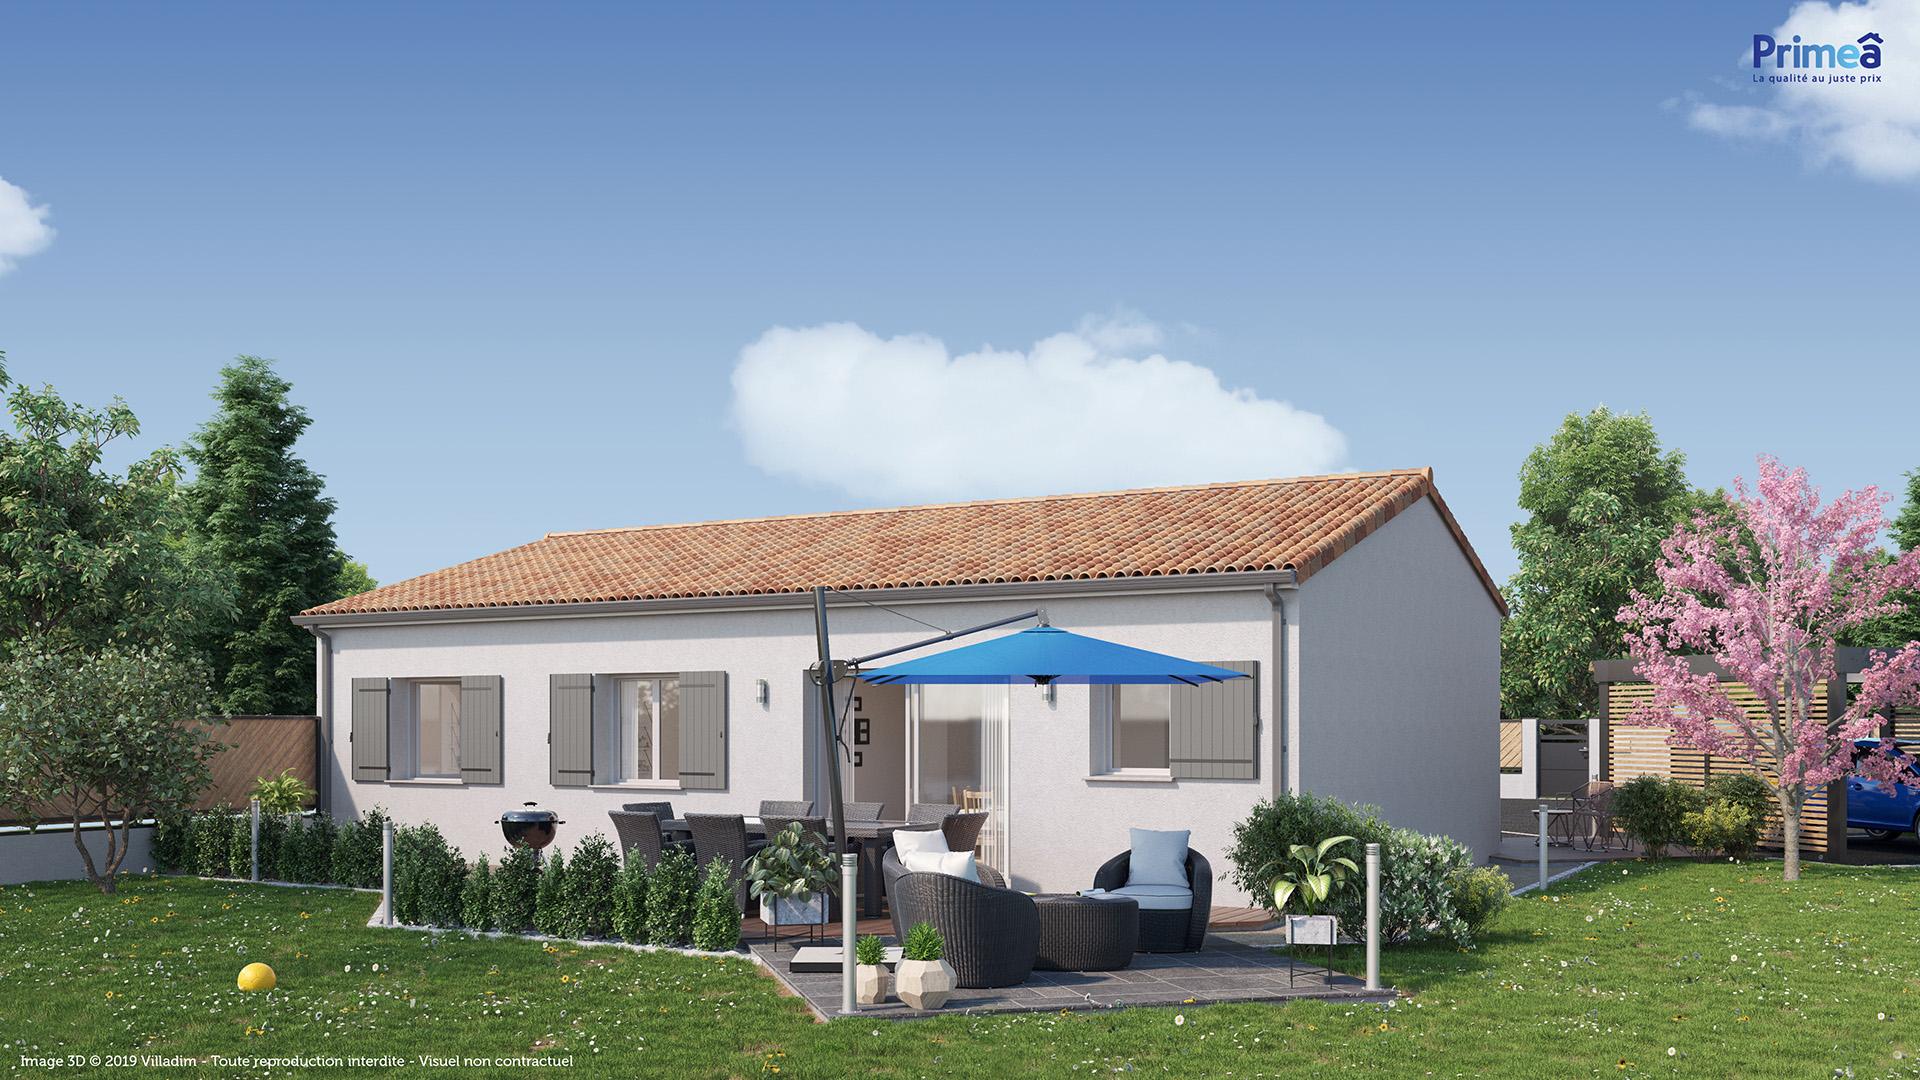 Maison à vendre à Ludon-Médoc